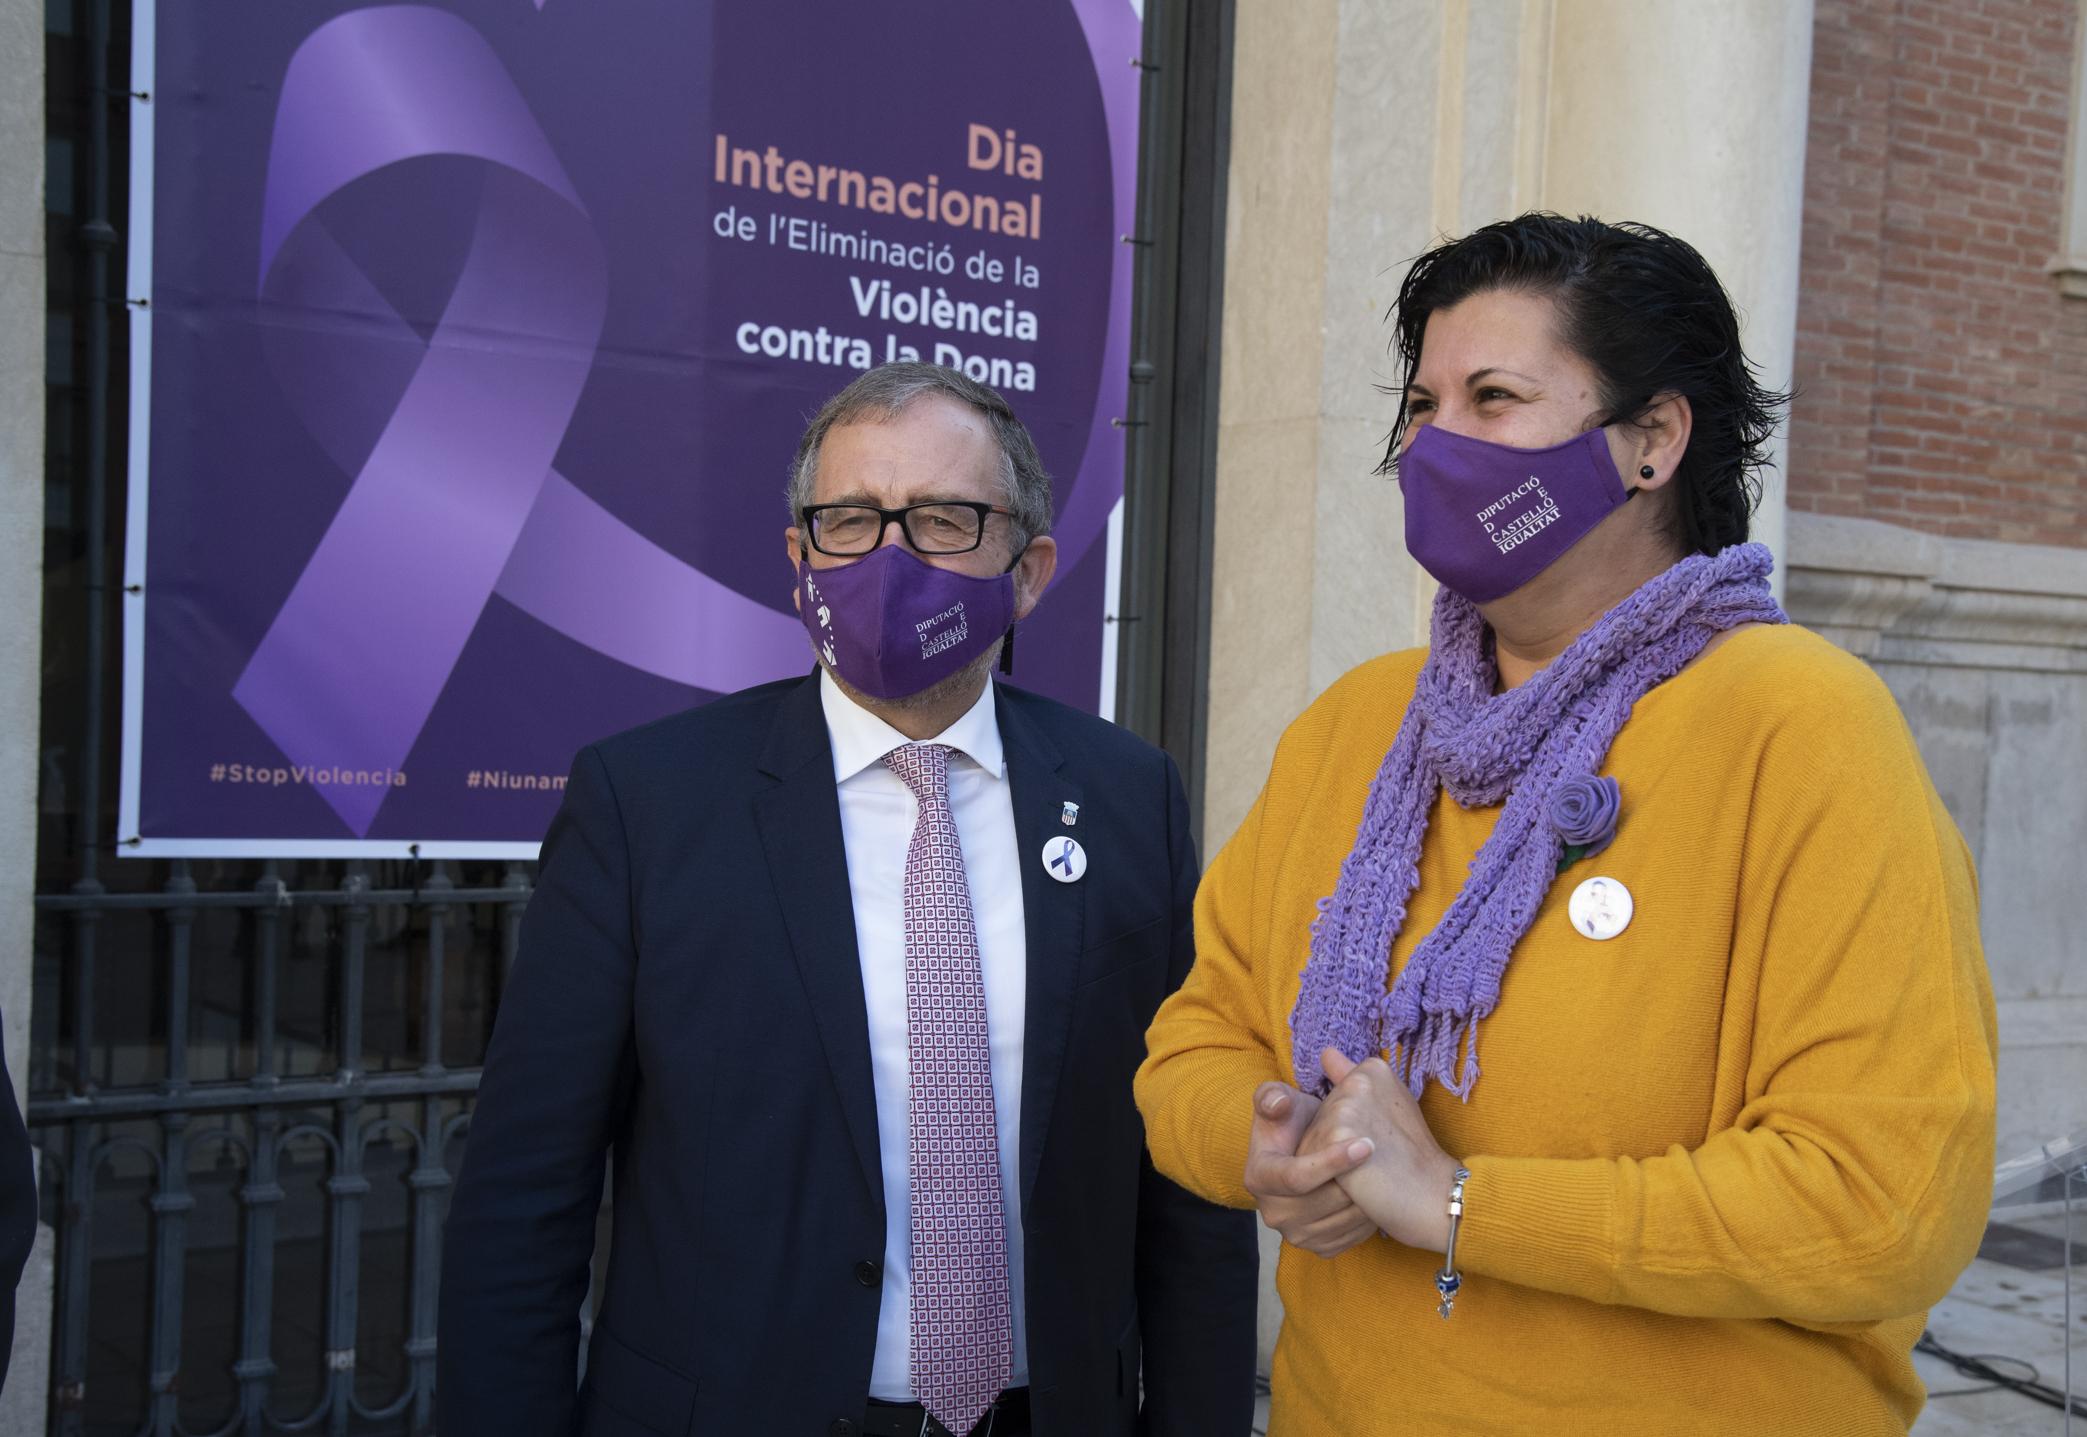 La Diputación subvenciona con 100.000 euros a Cruz Roja para combatir la soledad de los mayores en el ámbito rural y fomentar la igualdad de género entre la población reclusa